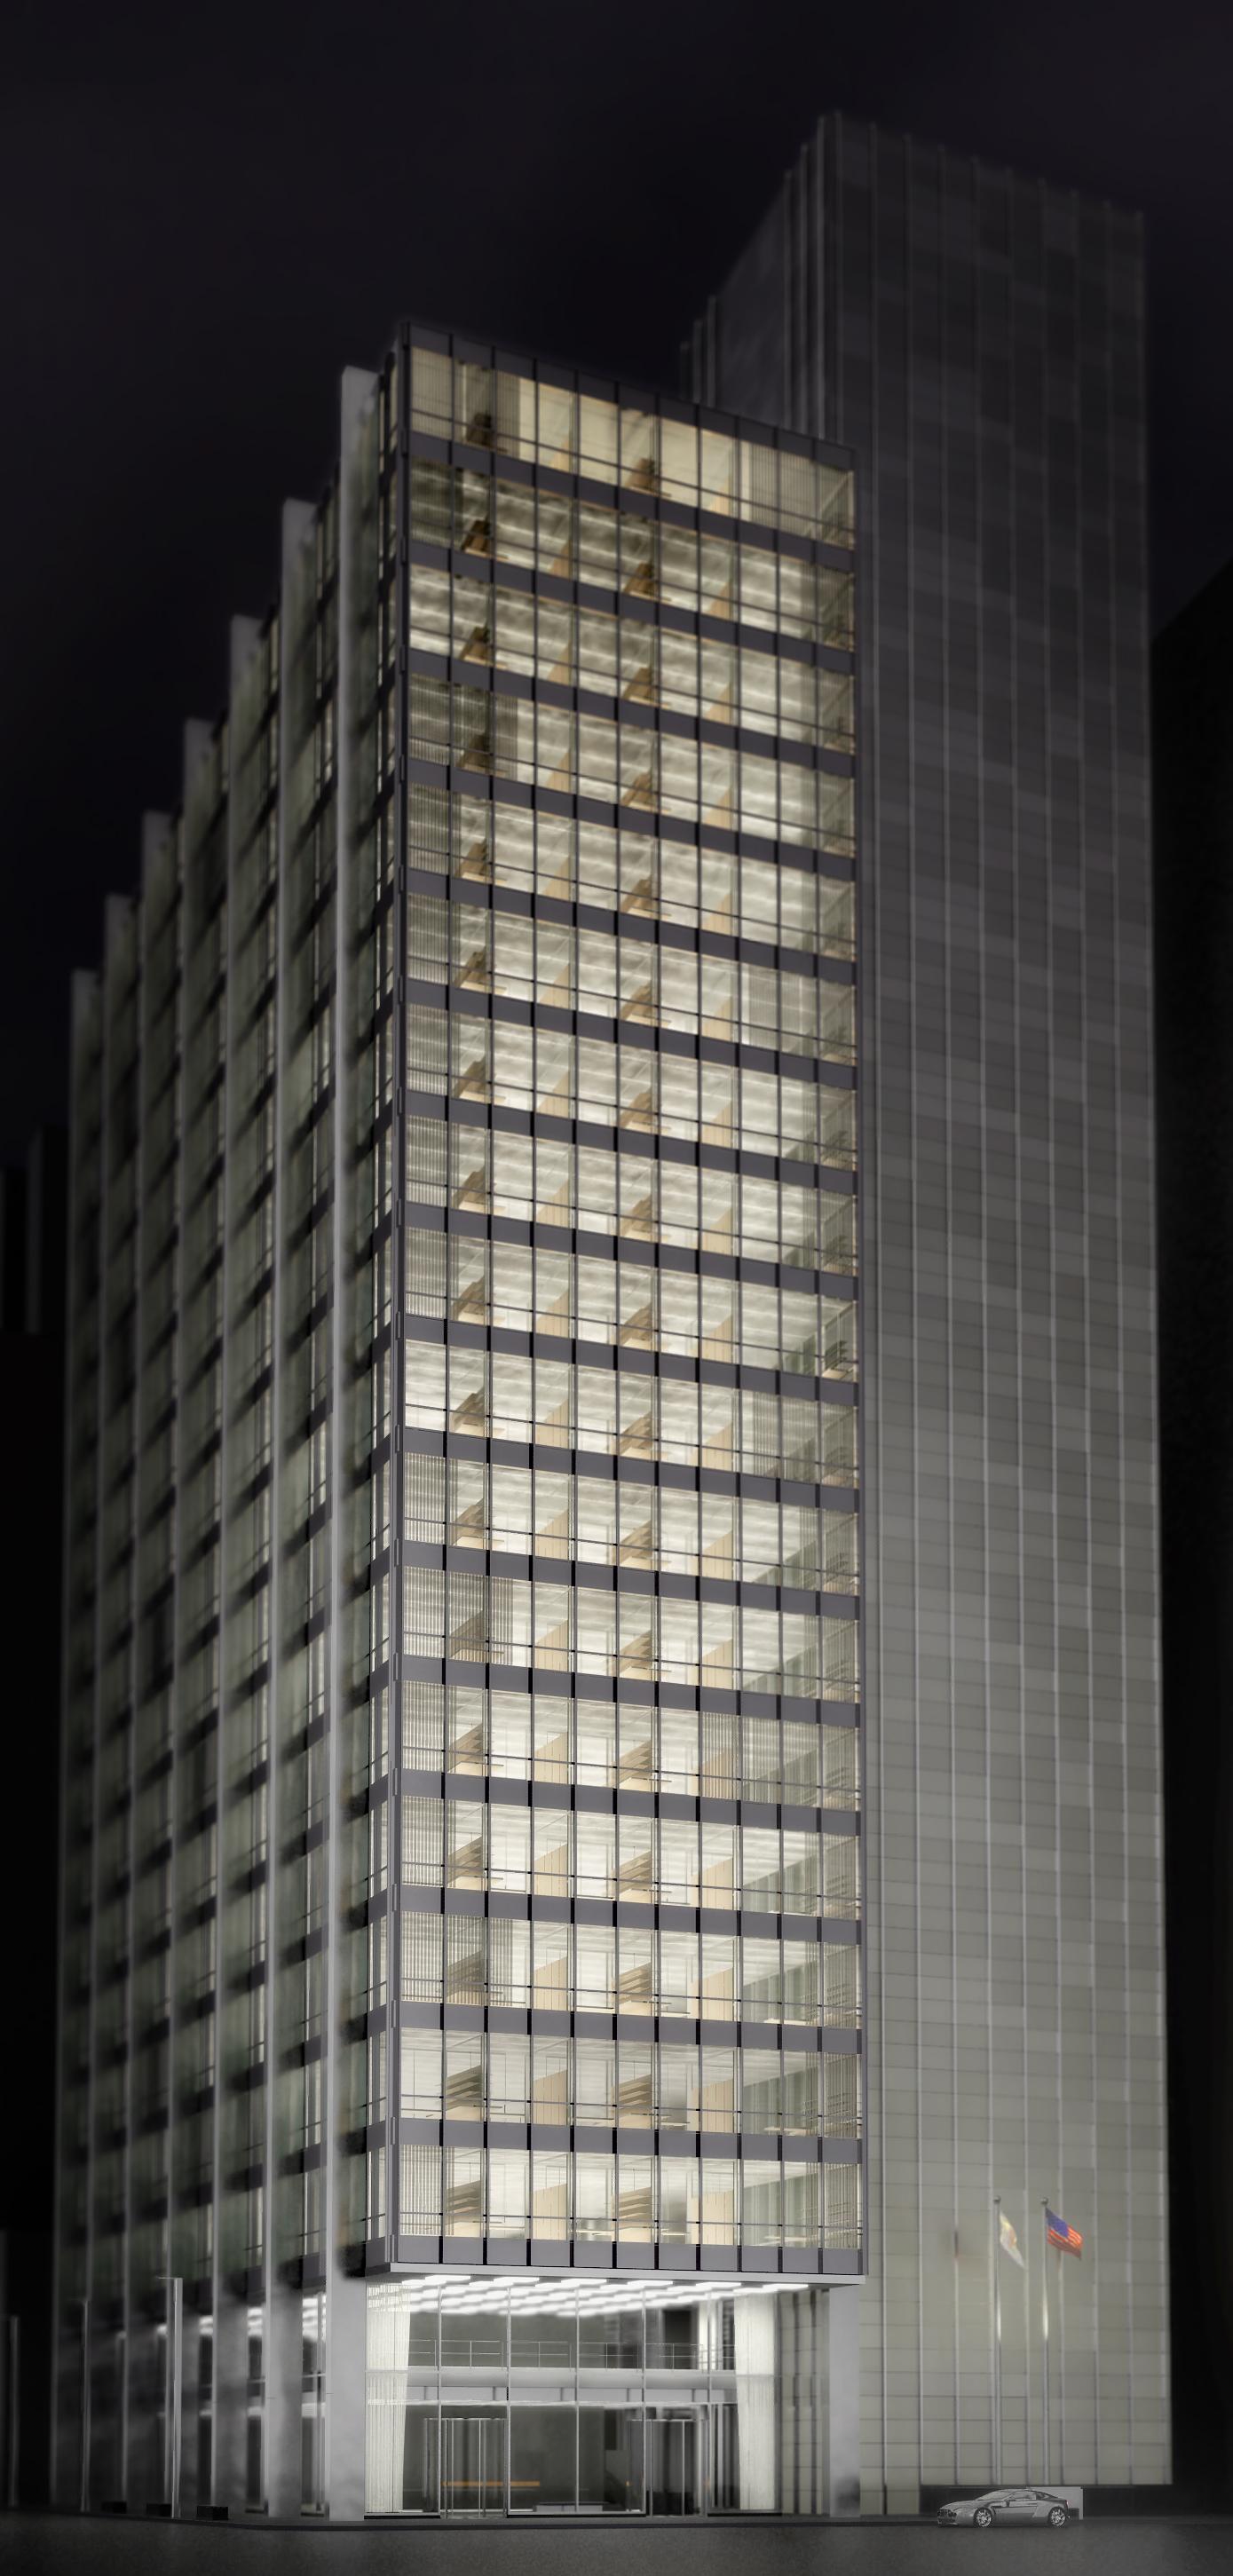 Exterior view Of facade improvements